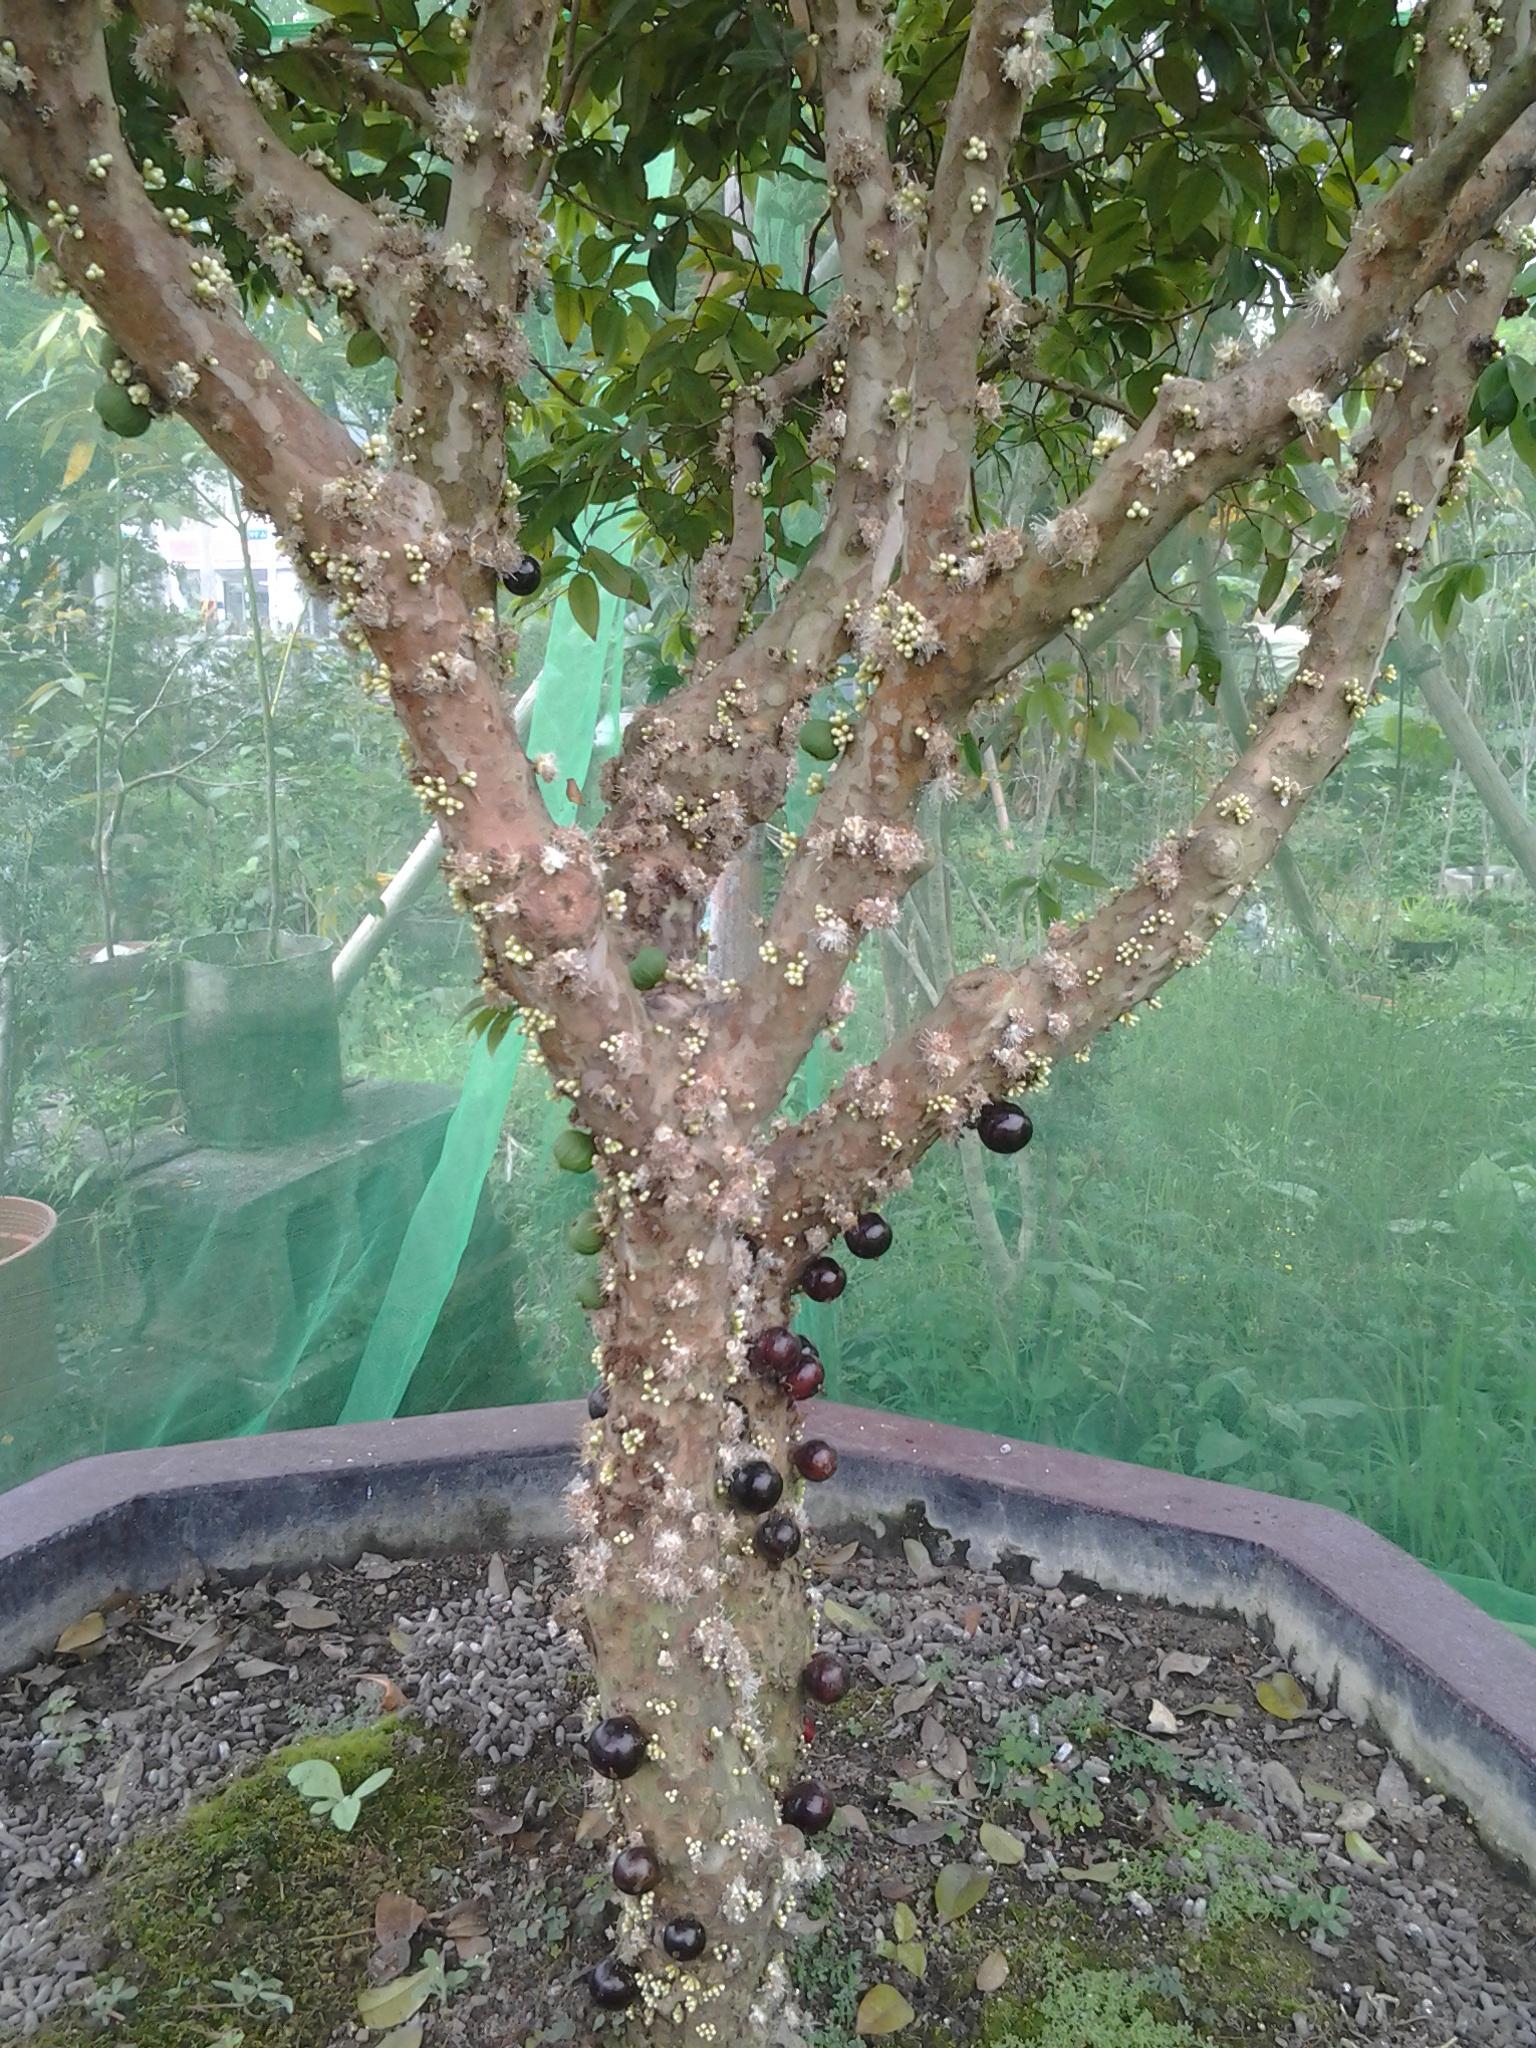 果树~~泰国青柠,红心绵酪梨,九五酪梨,威利辣椒,澳洲茶树,拐枣,金钱果